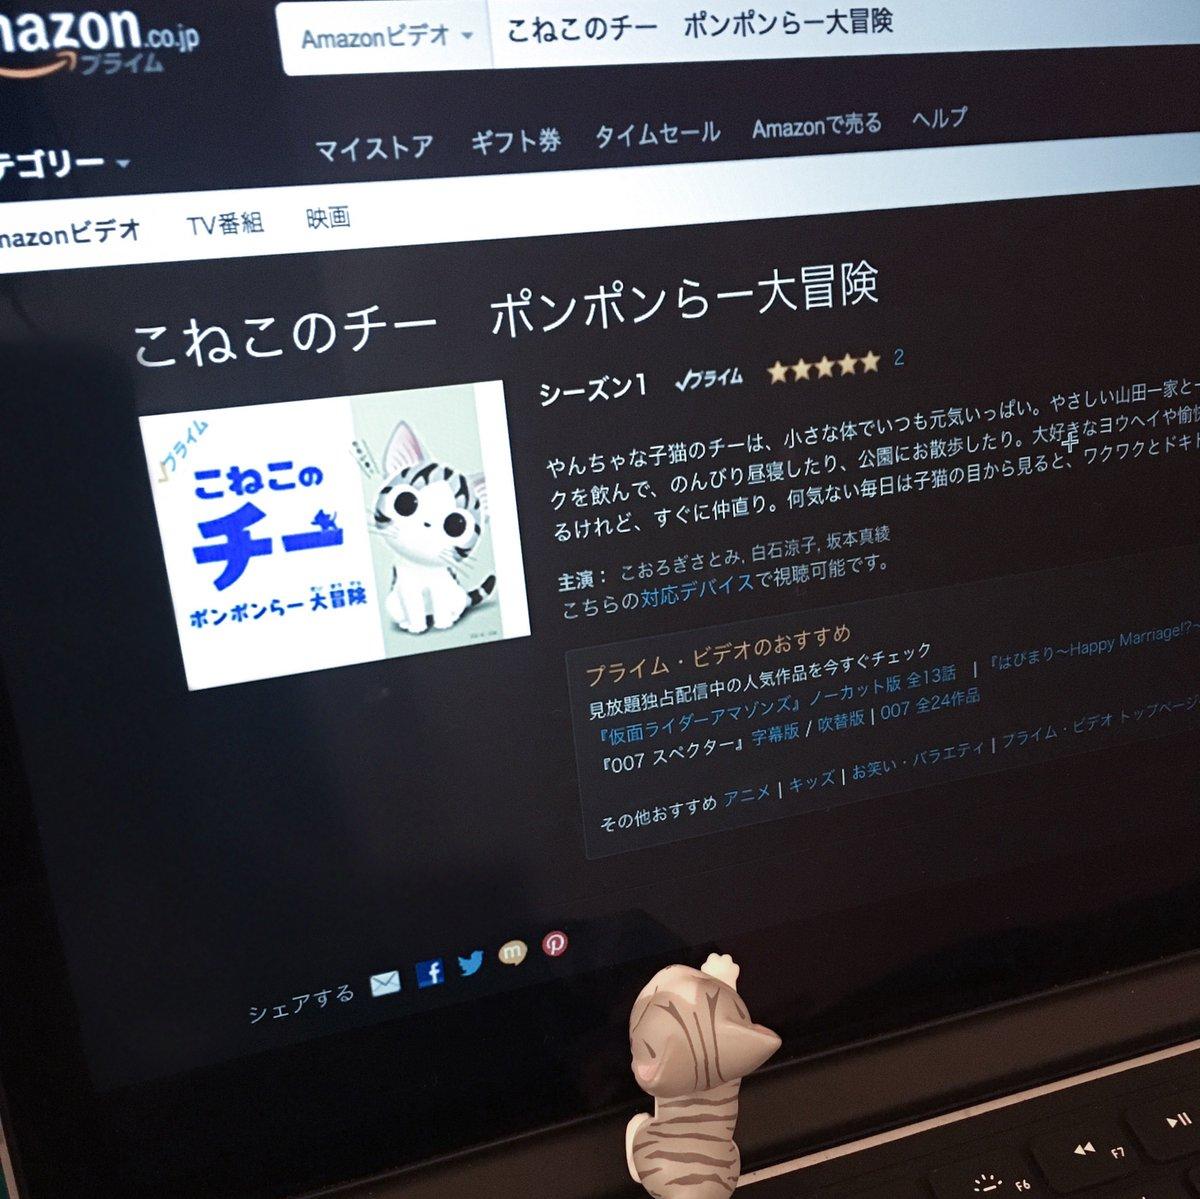 チーのアニメがアマゾンプライムれも みえうよー!   #こねこのチー #チーズスイートホーム #アニメ #Amazonプ